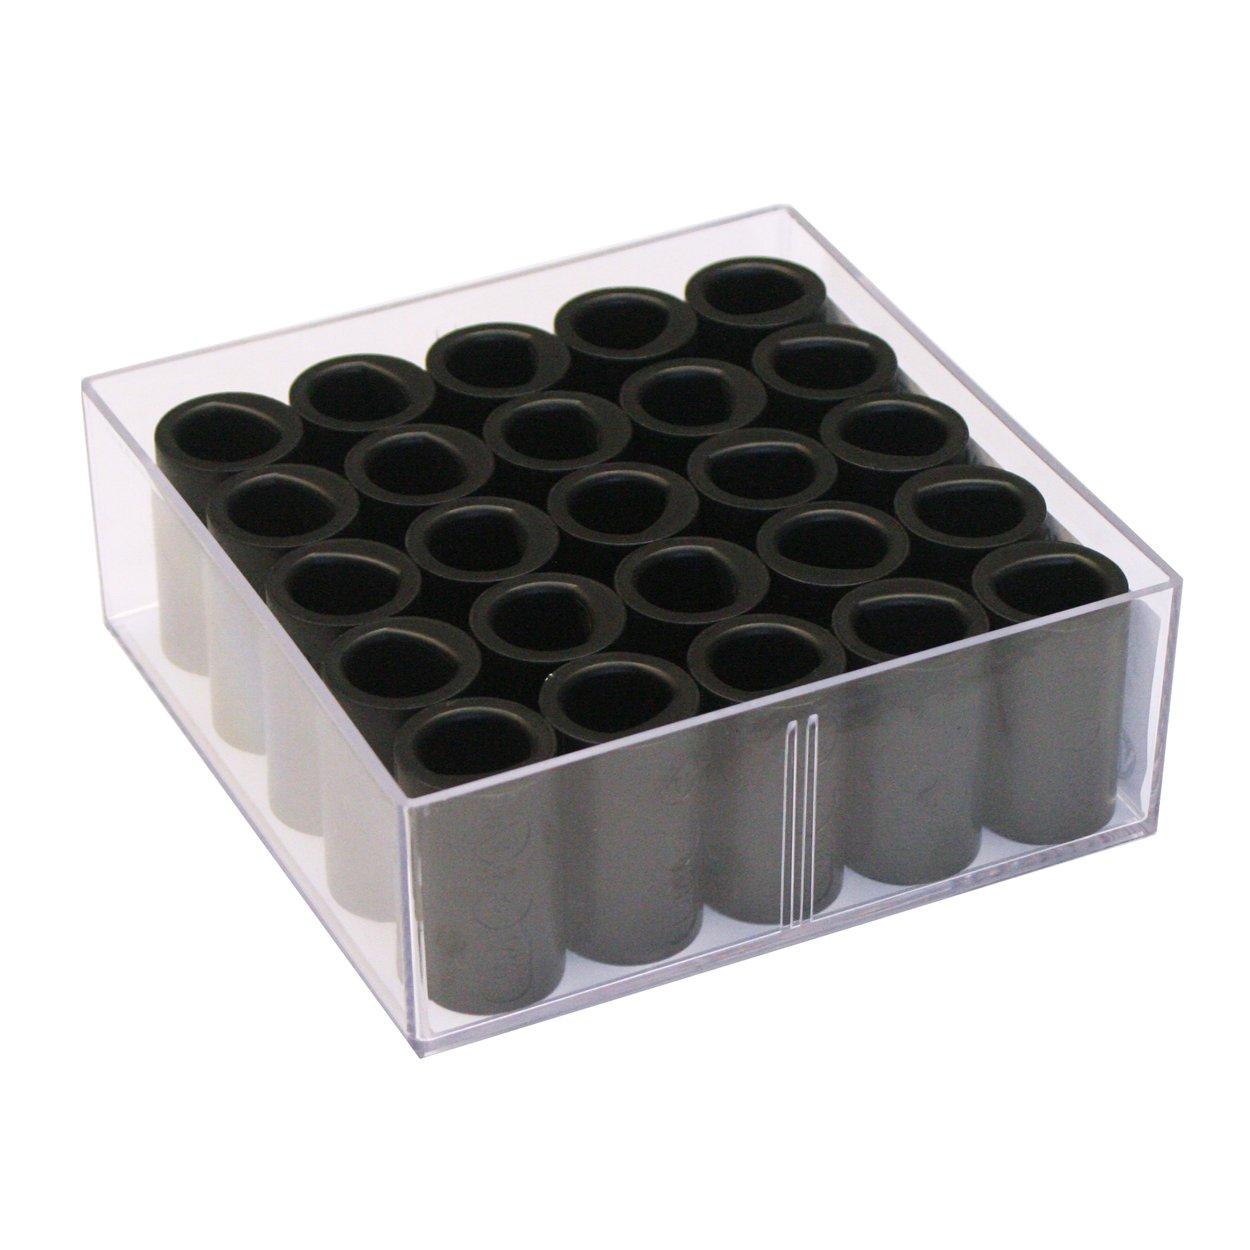 Vise Power Lift & Semi Finger Insert (Box of 25), Black, 5/8